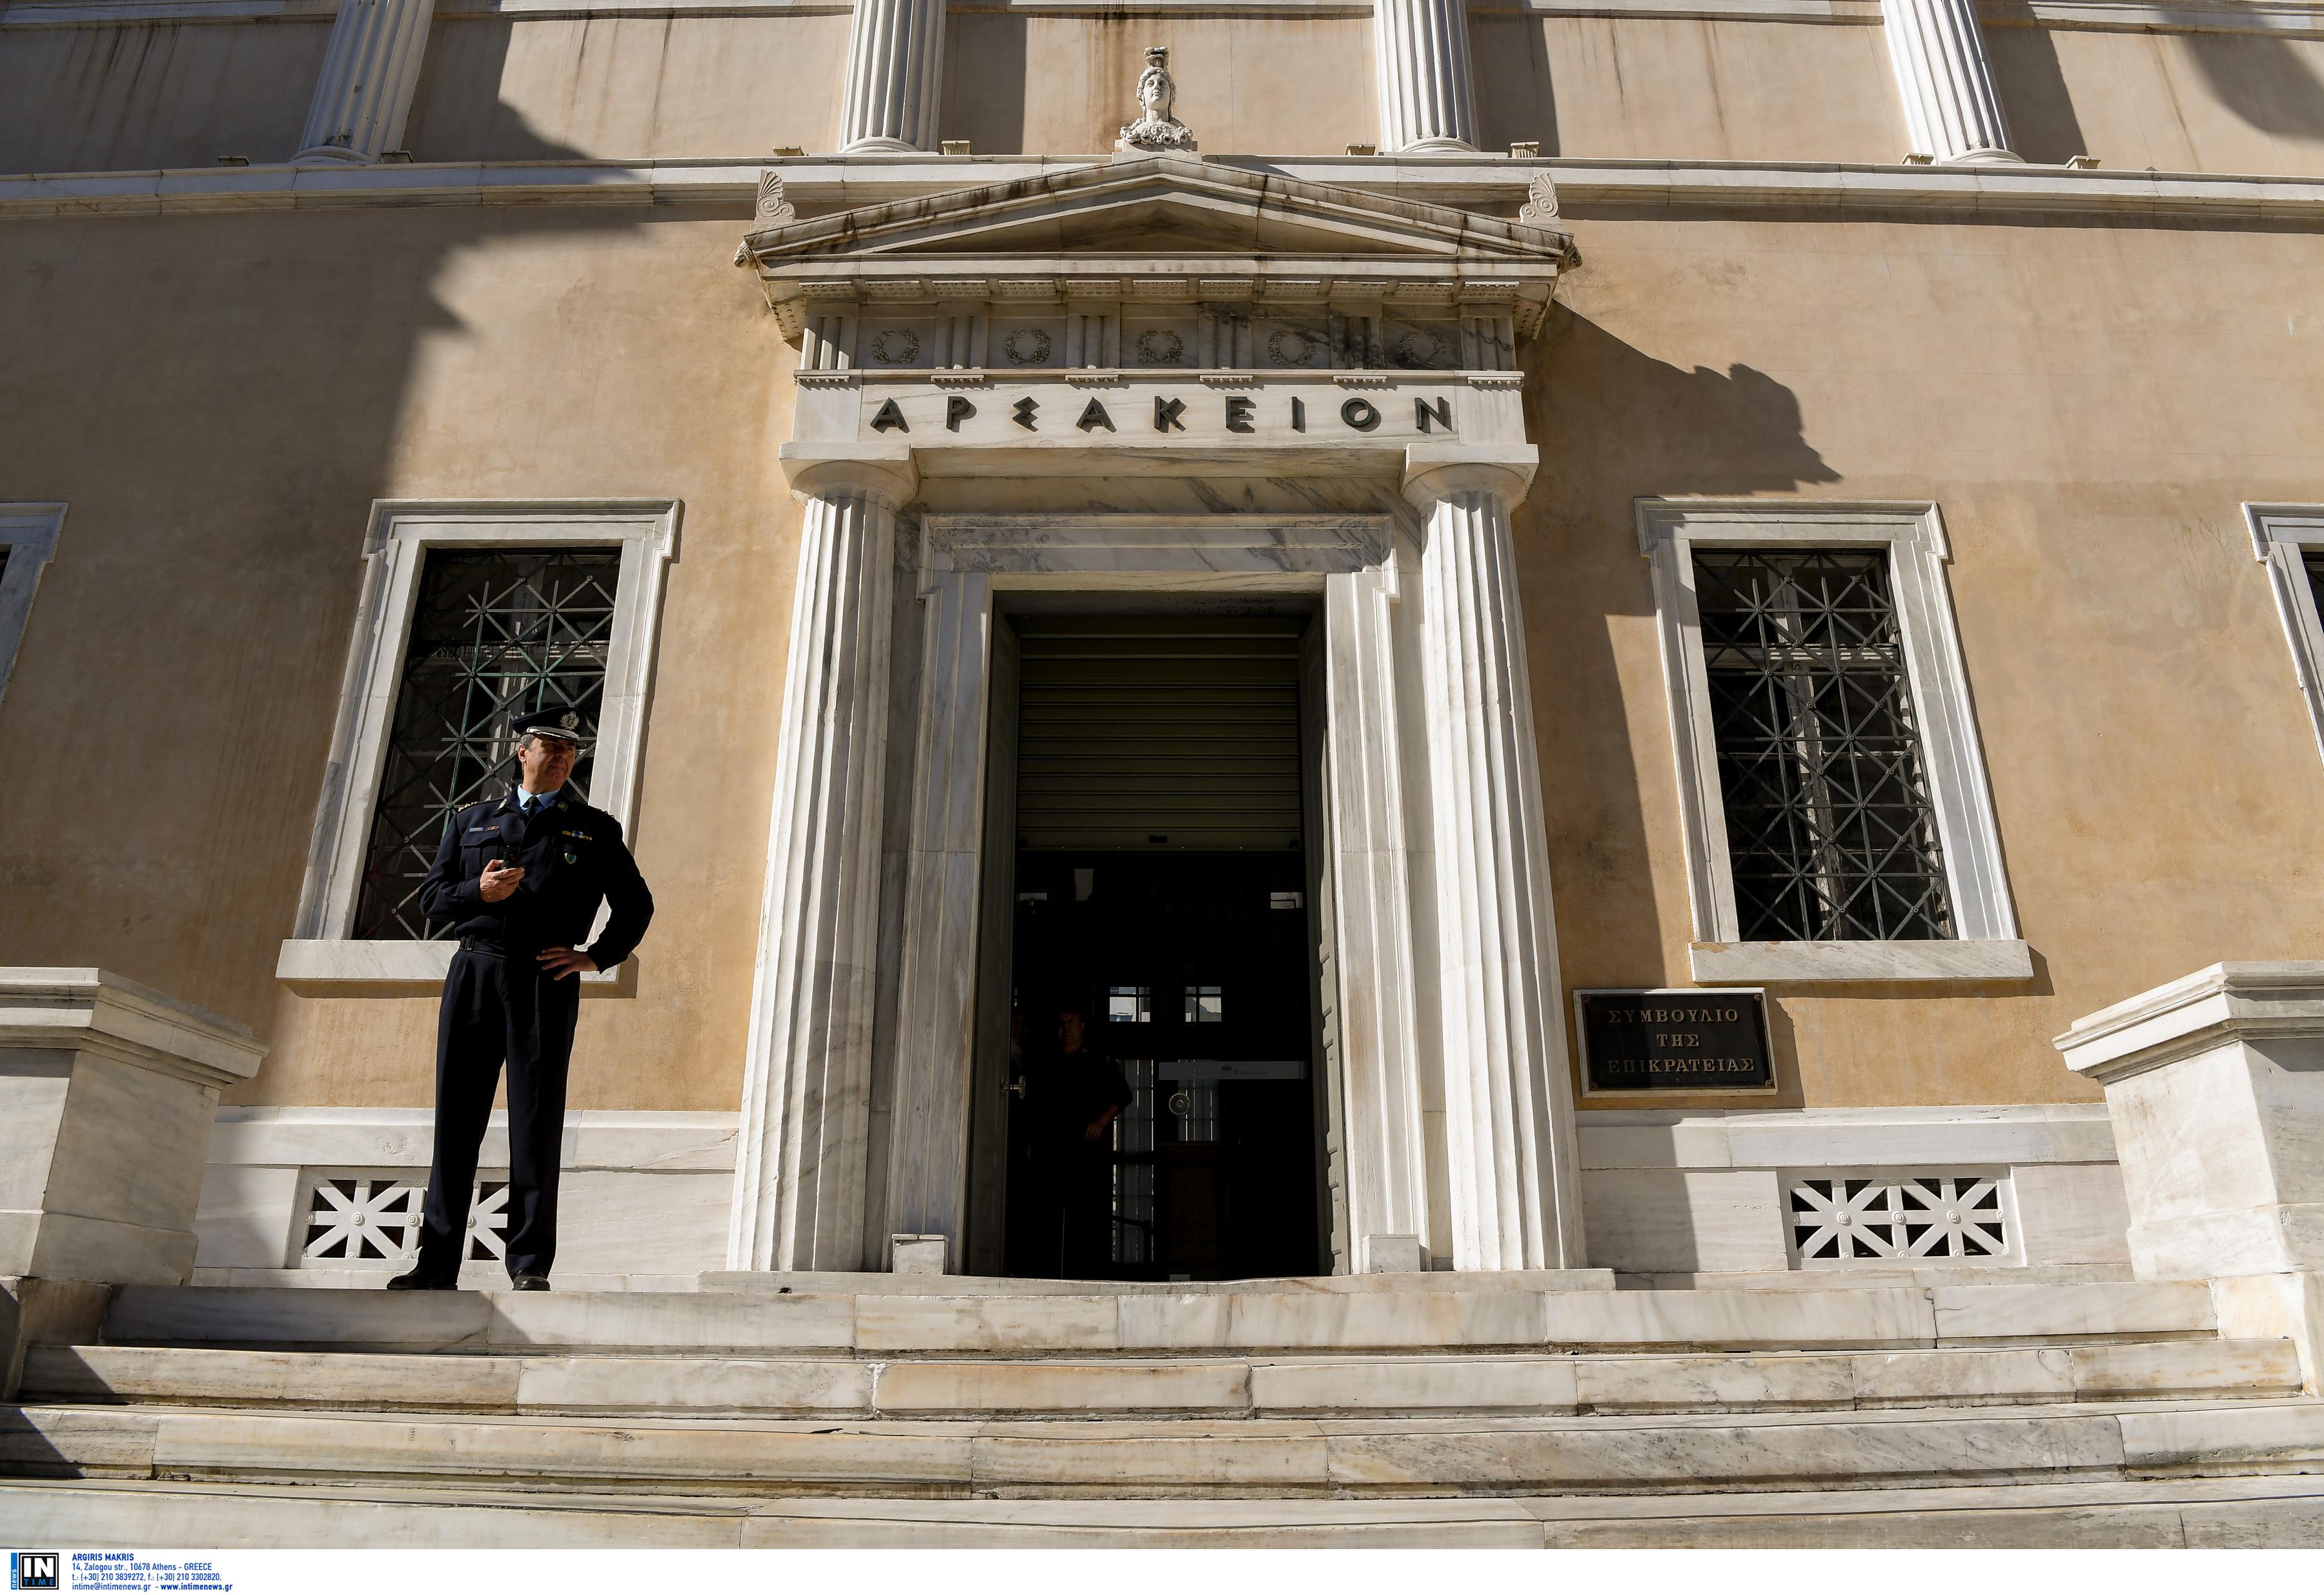 Πιλοτική δίκη για τα αναδρομικά στην Ολομέλεια του ΣτΕ - Θα κριθούν όλες οι περικοπές συντάξεων και οι μειώσεις δώρων και επιδομάτων